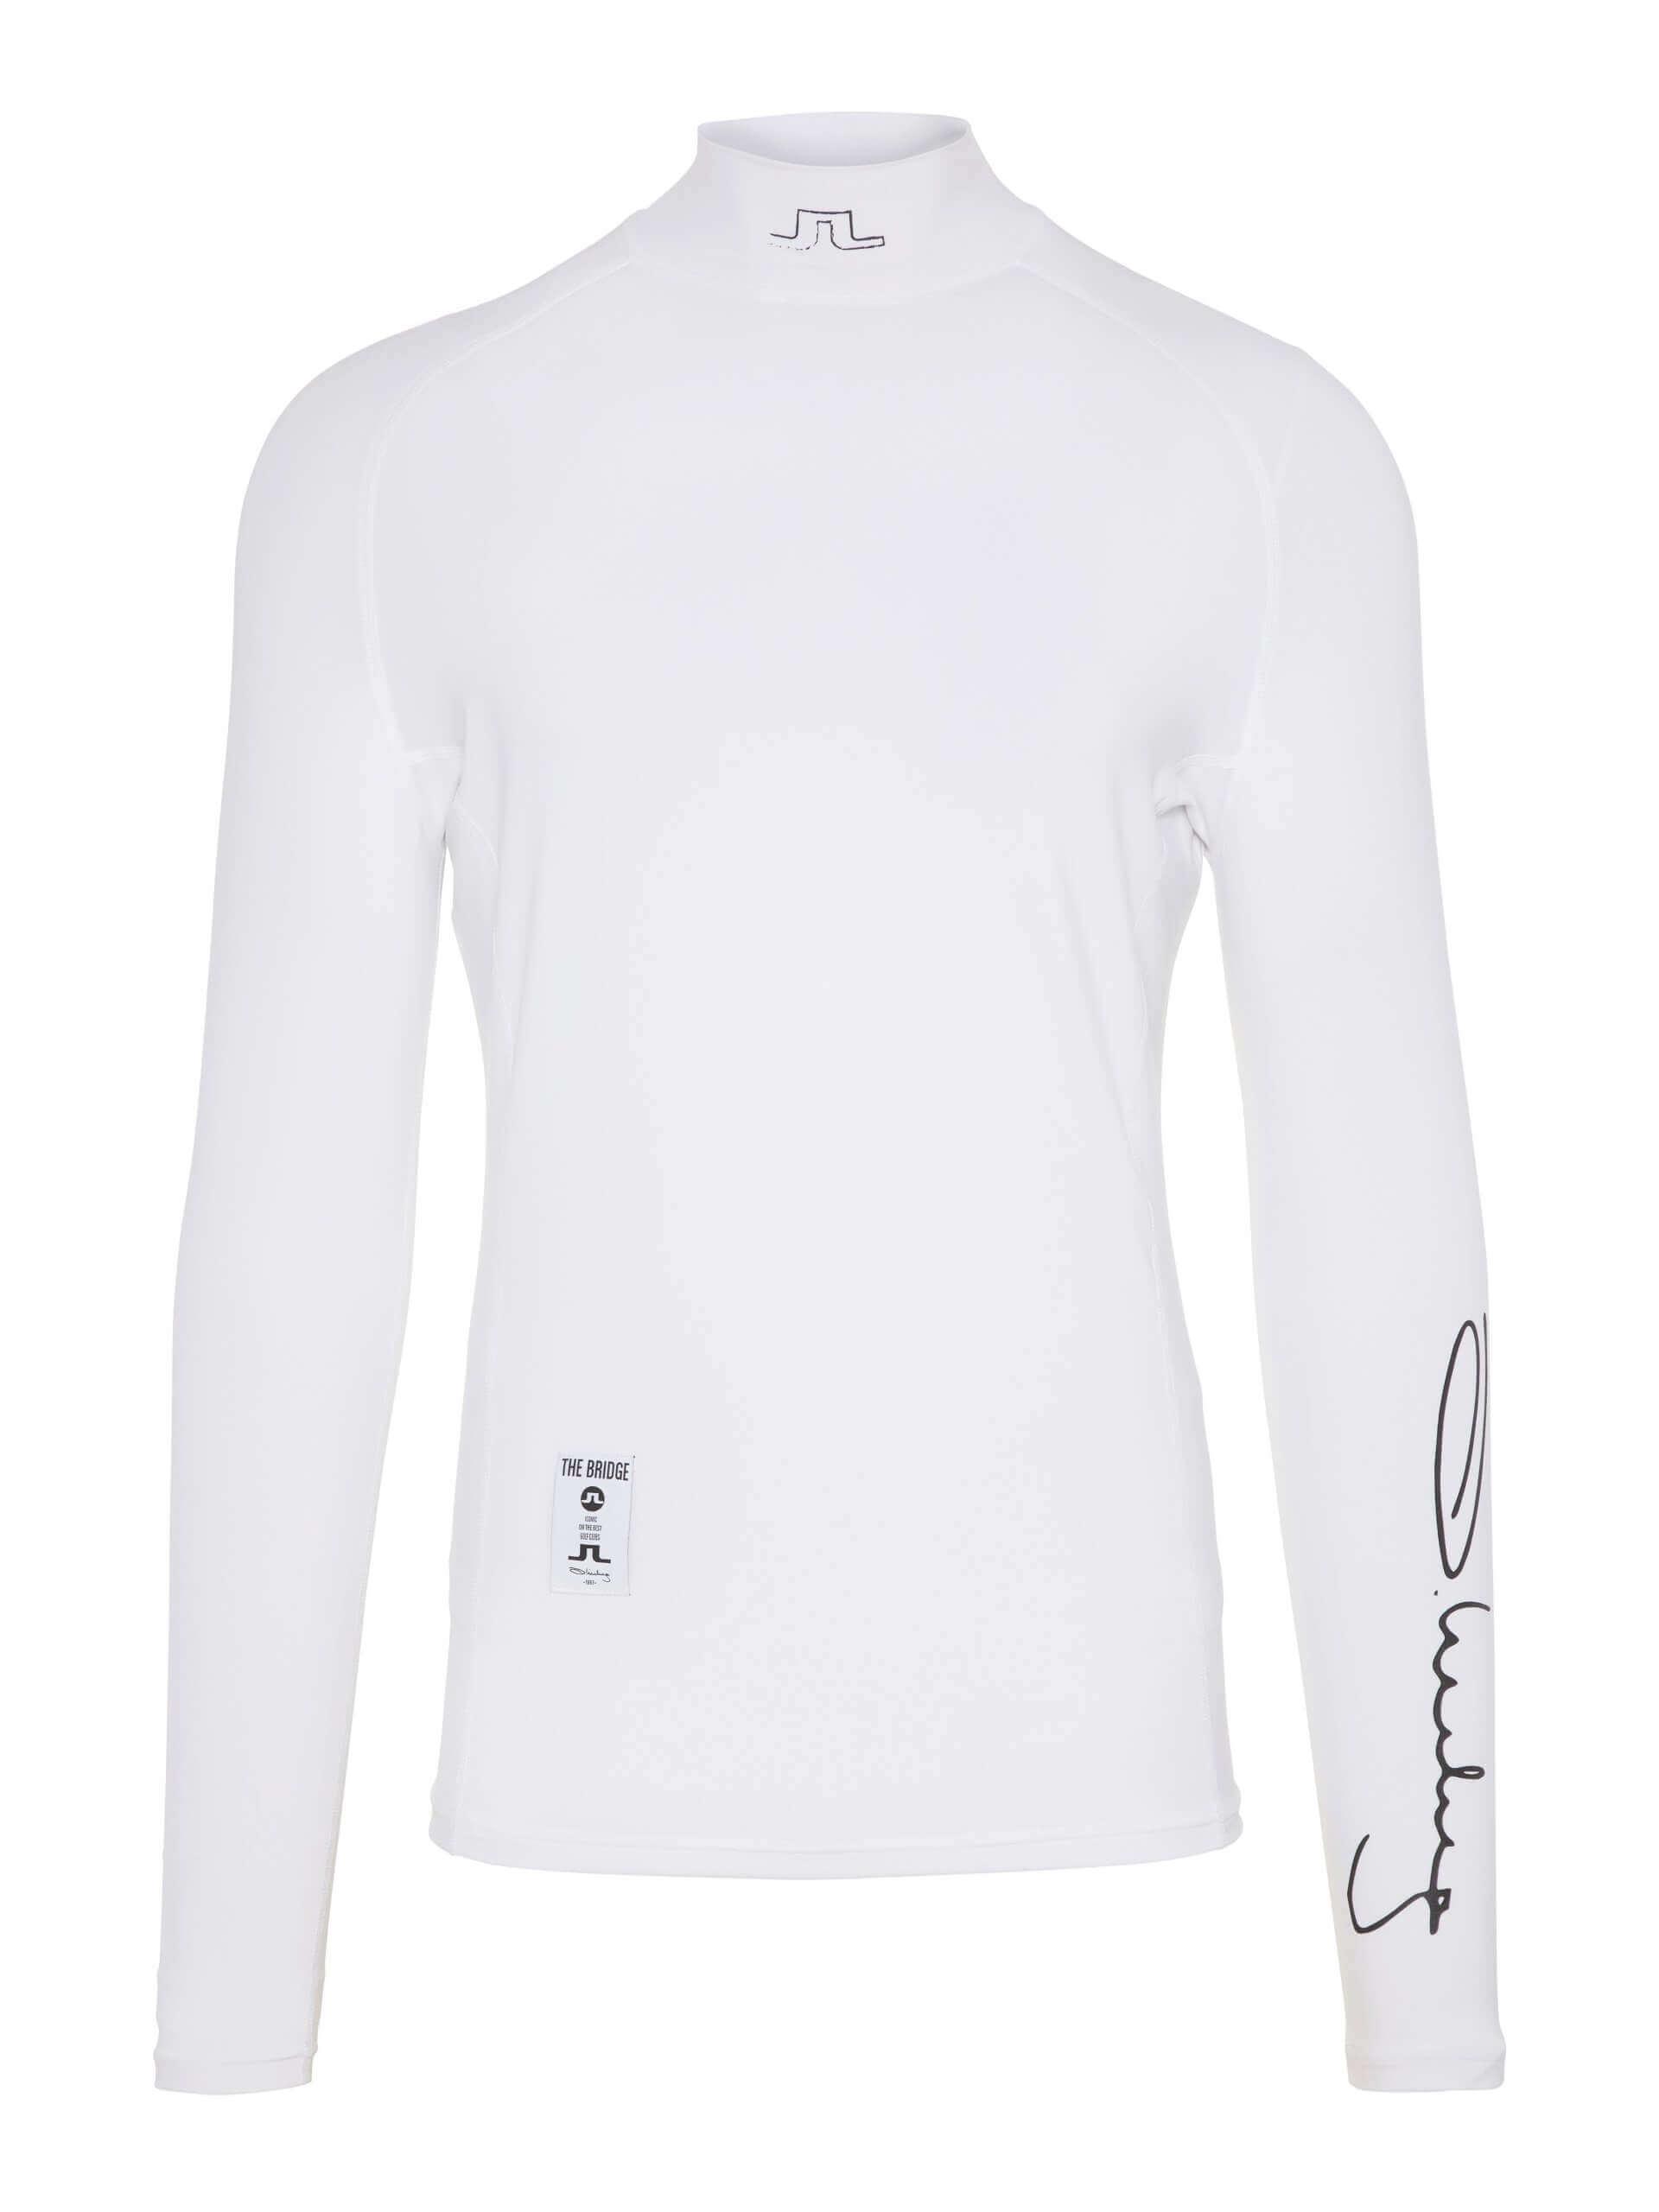 J.Lindeberg - El Soft Compression top in white